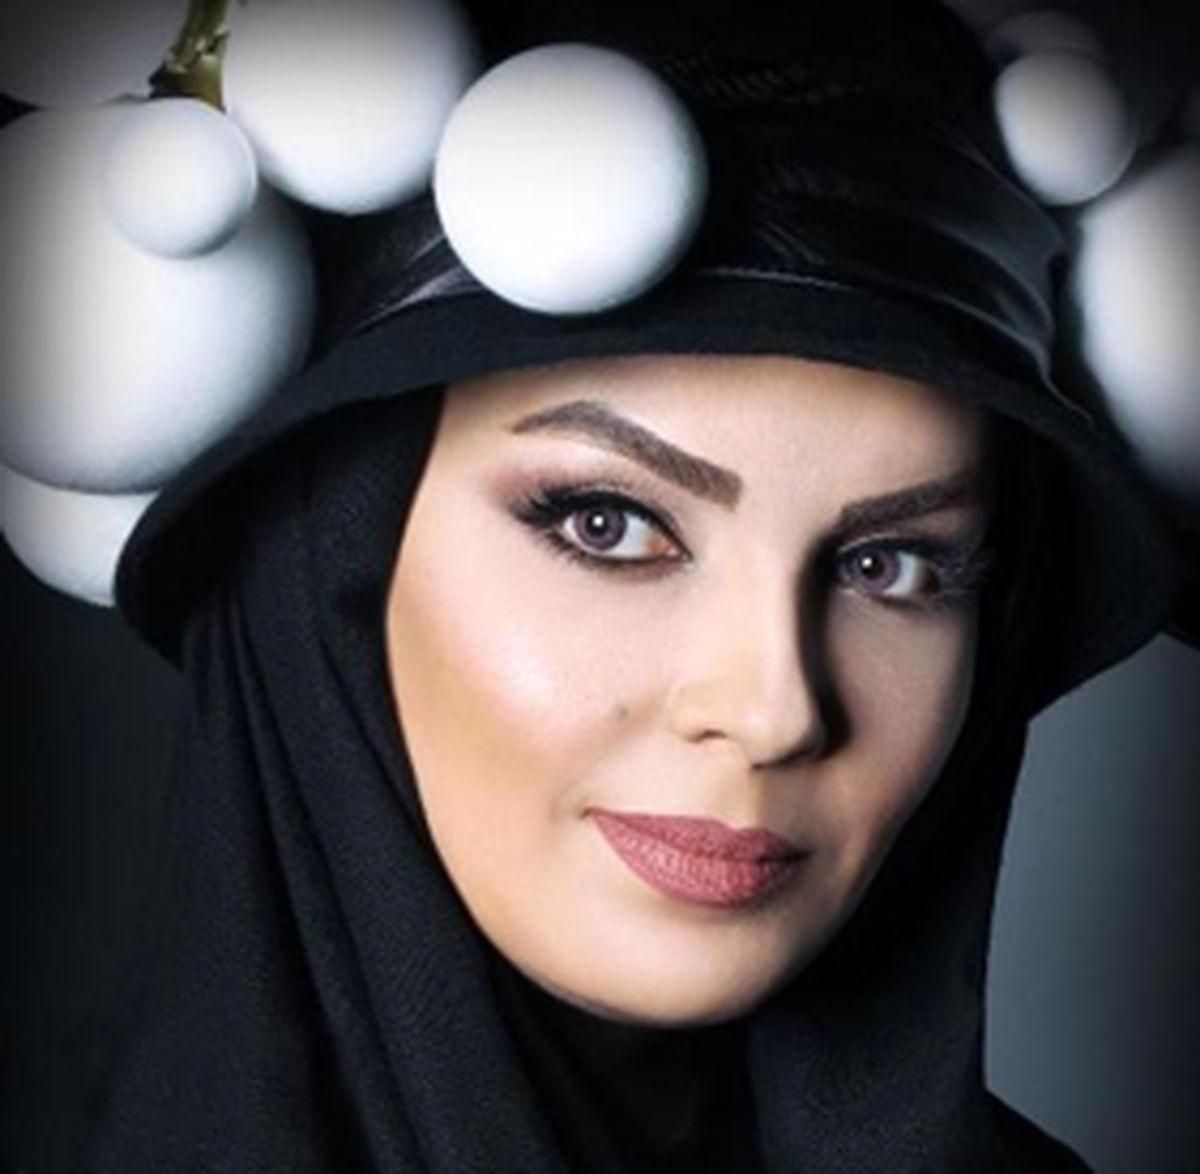 سارا خوئینیها با کلاه کاسکت +عکس